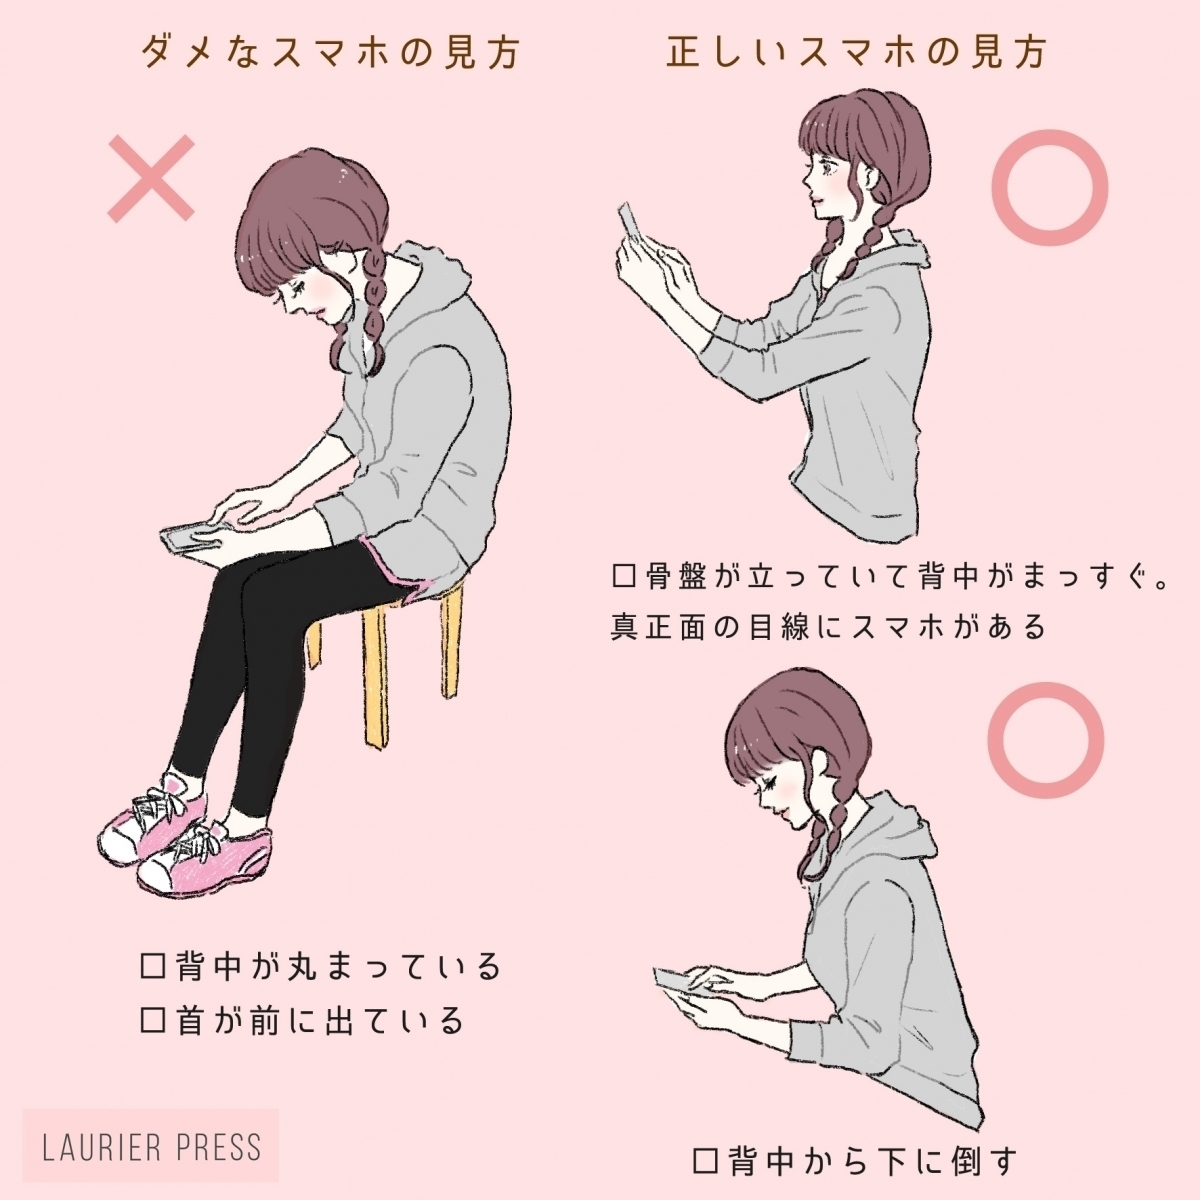 整体師さん直伝! ダイエットに繋がる正しい姿勢と自分でできる骨盤矯正 - ローリエプレス